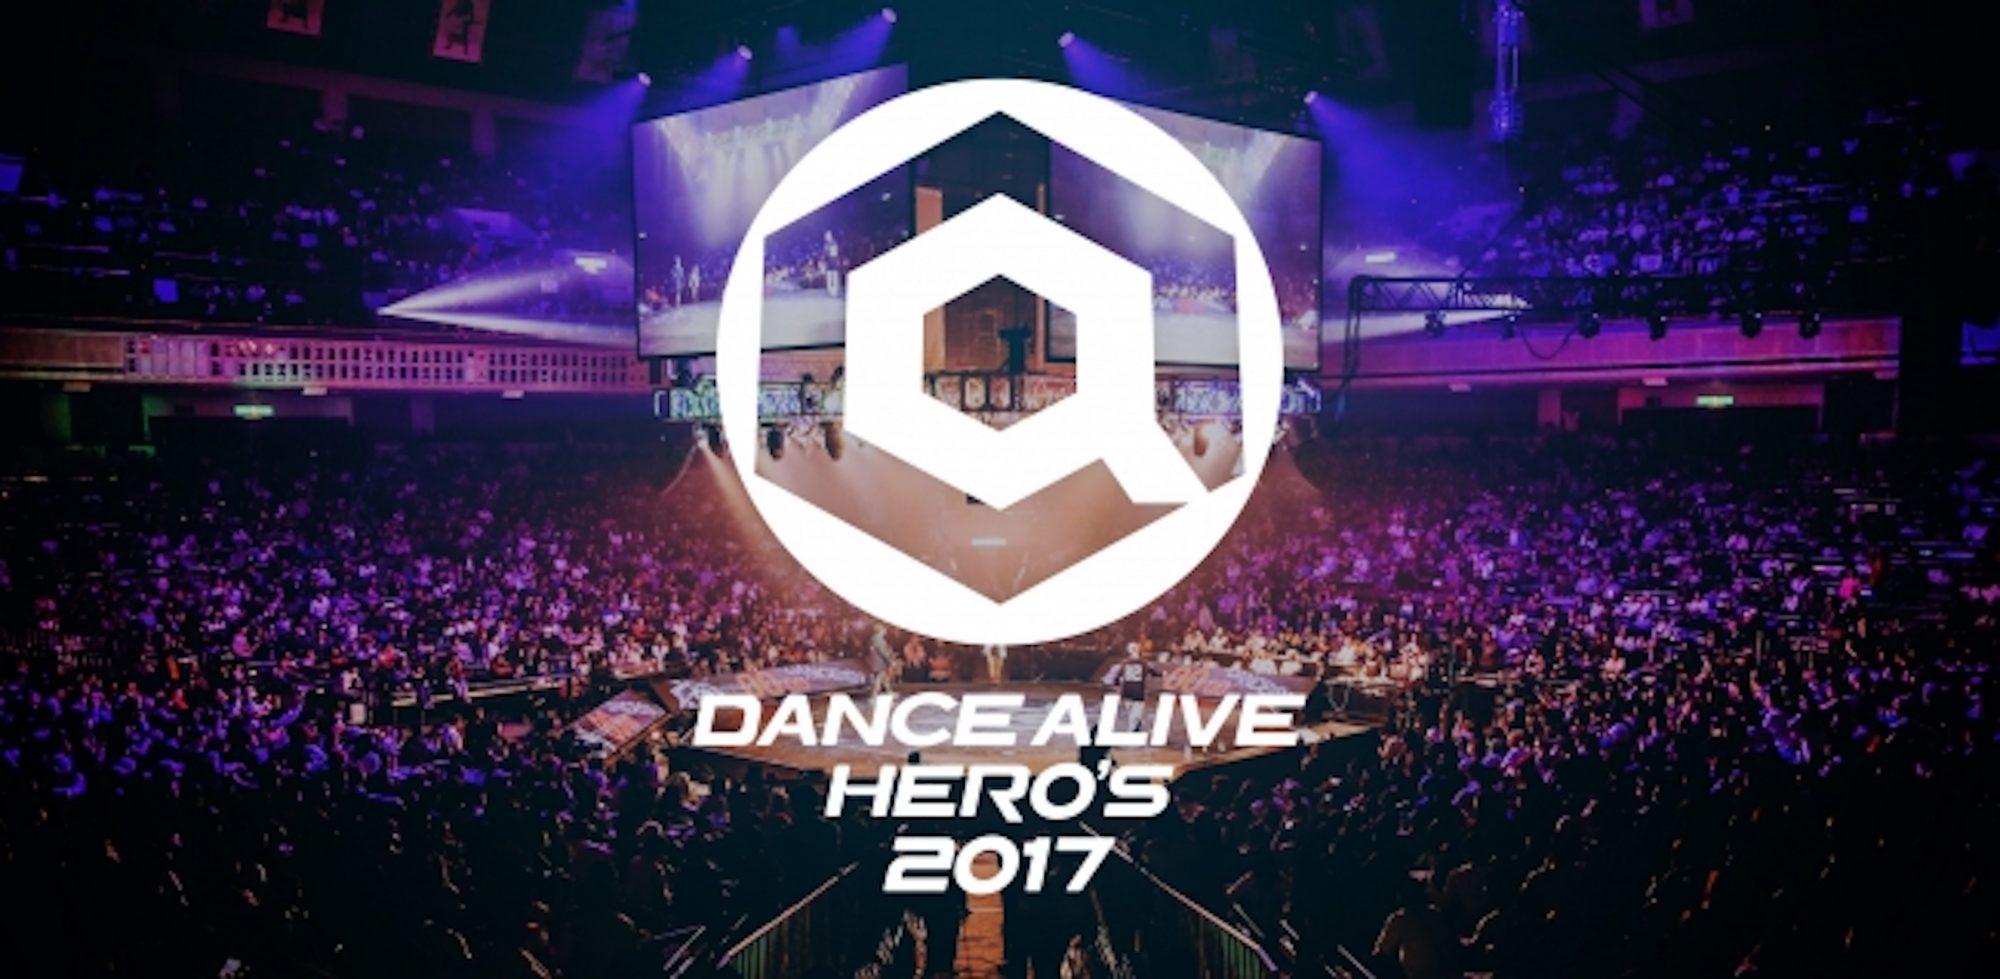 GReeeeNプロデューサーJINが音響担当!? DANCE ALIVE HERO'S 開催決定!!